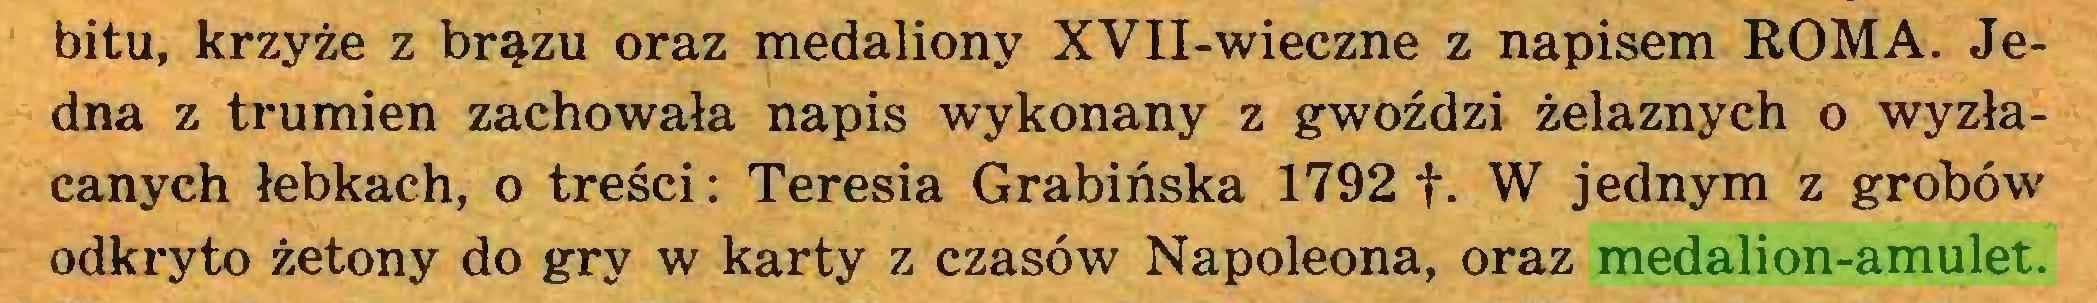 (...) bitu, krzyże z brązu oraz medaliony XVII-wieczne z napisem ROMA. Jedna z trumien zachowała napis wykonany z gwoździ żelaznych o wyzłacanych łebkach, o treści: Teresia Grabińska 1792 f- W jednym z grobów odkryto żetony do gry w karty z czasów Napoleona, oraz medalion-amulet...